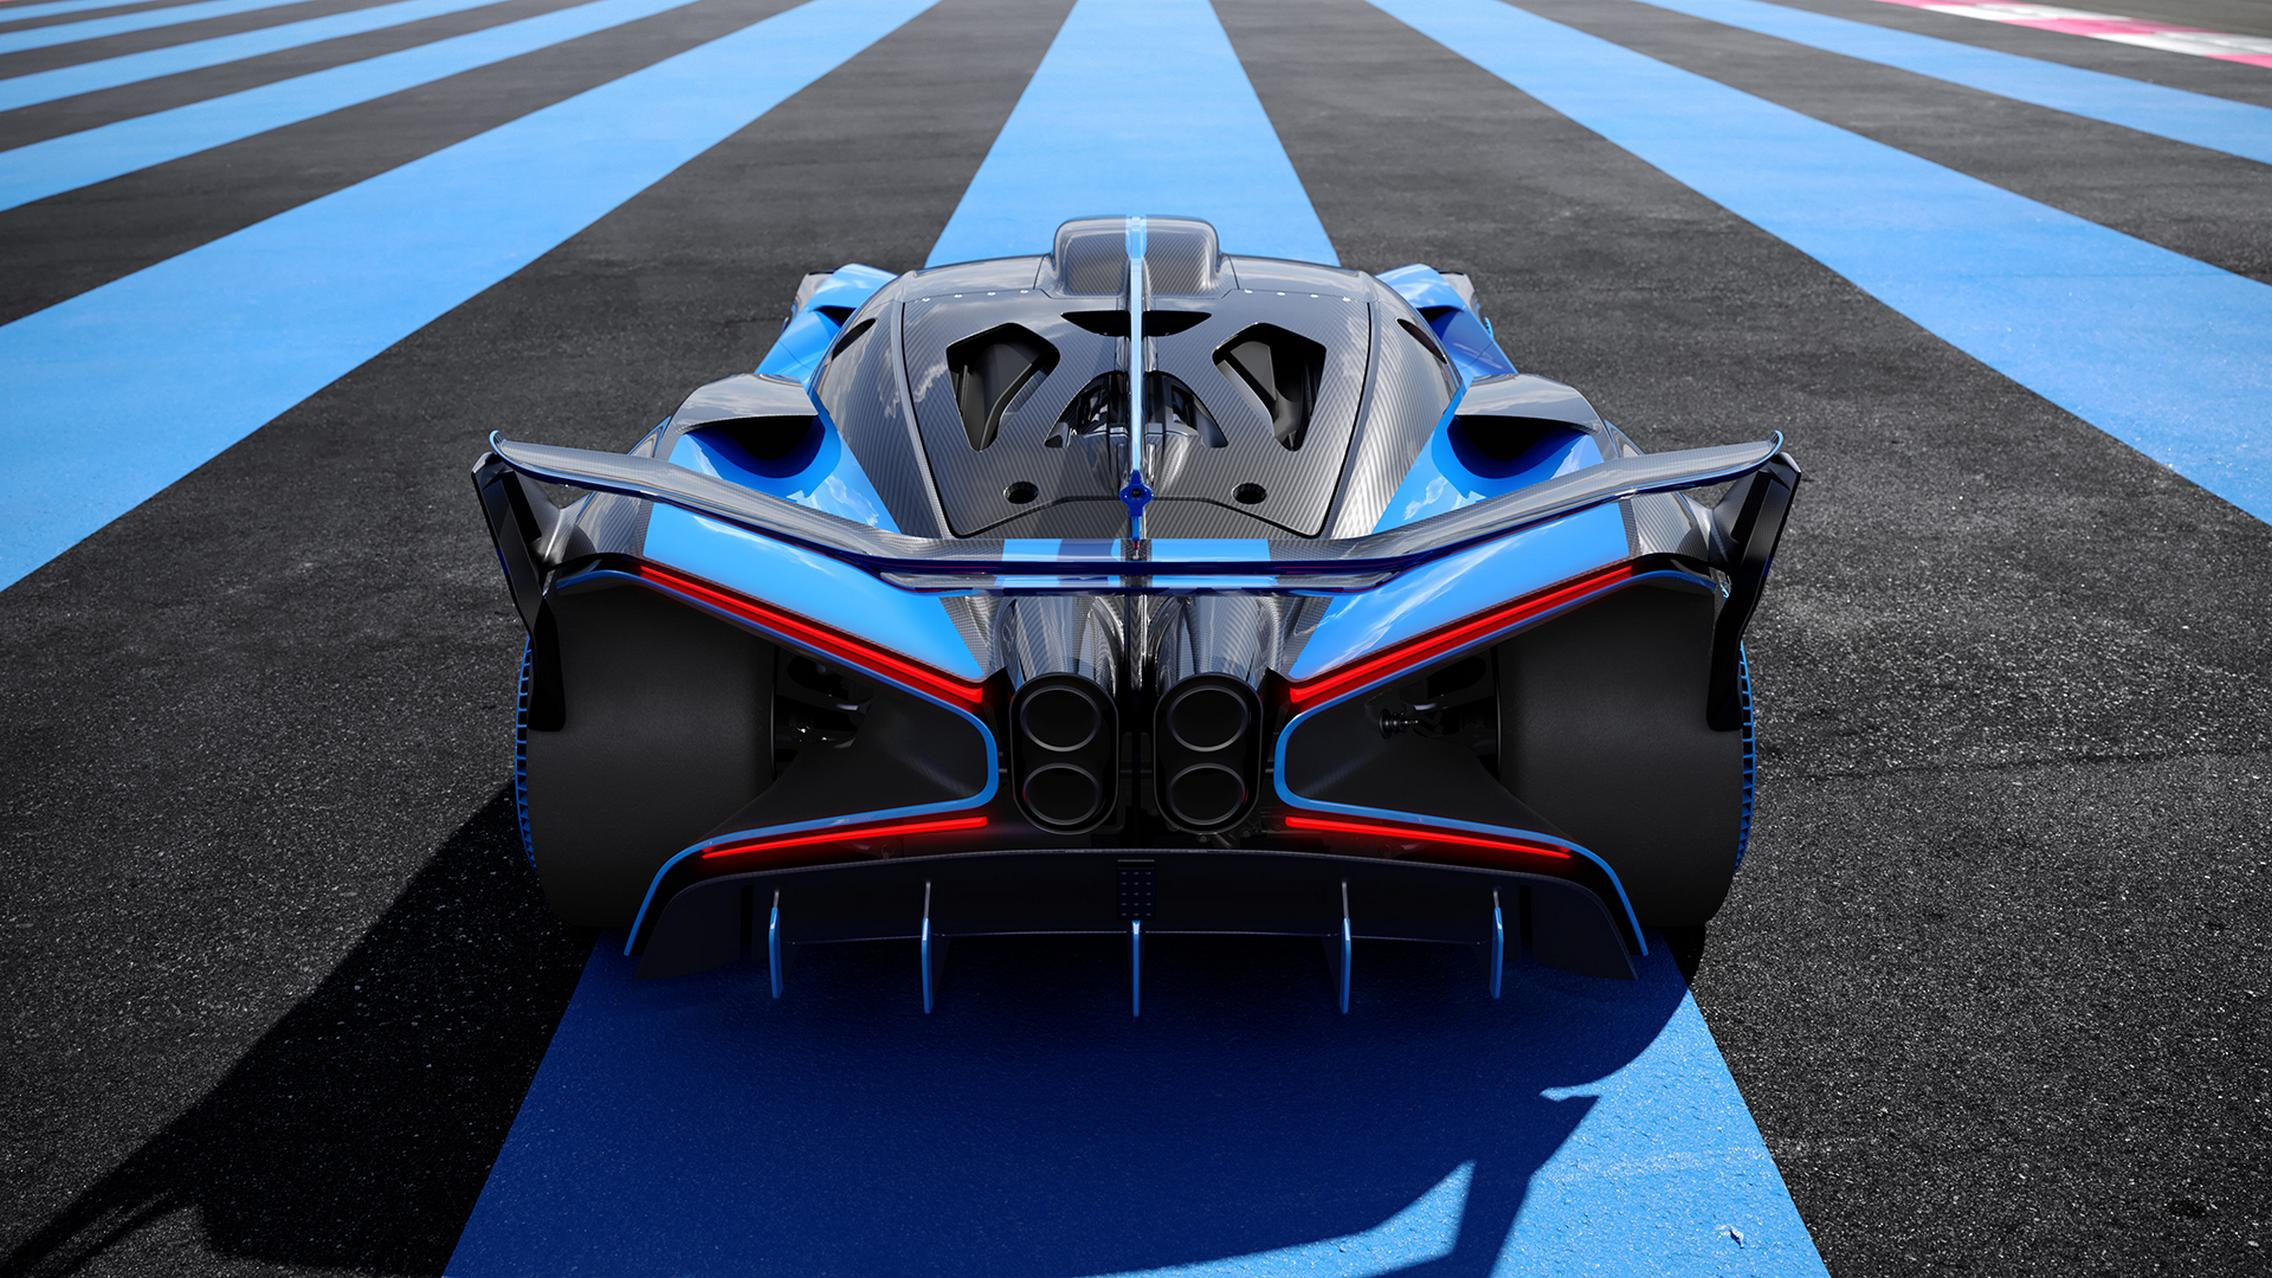 Bugatti Bolide rear